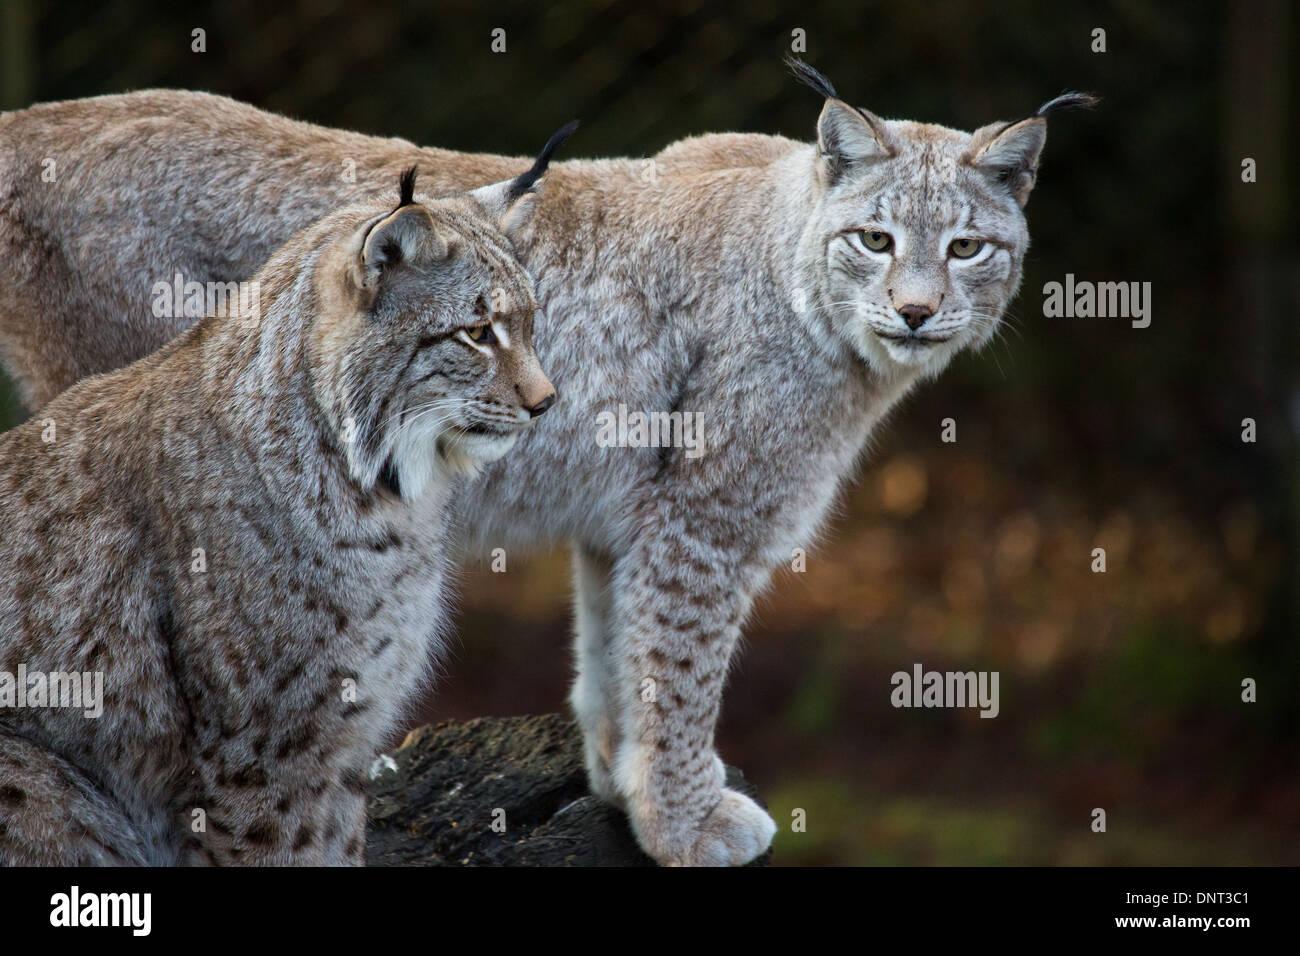 Lynx d'Eurasie en captivité dans un zoo Photo Stock